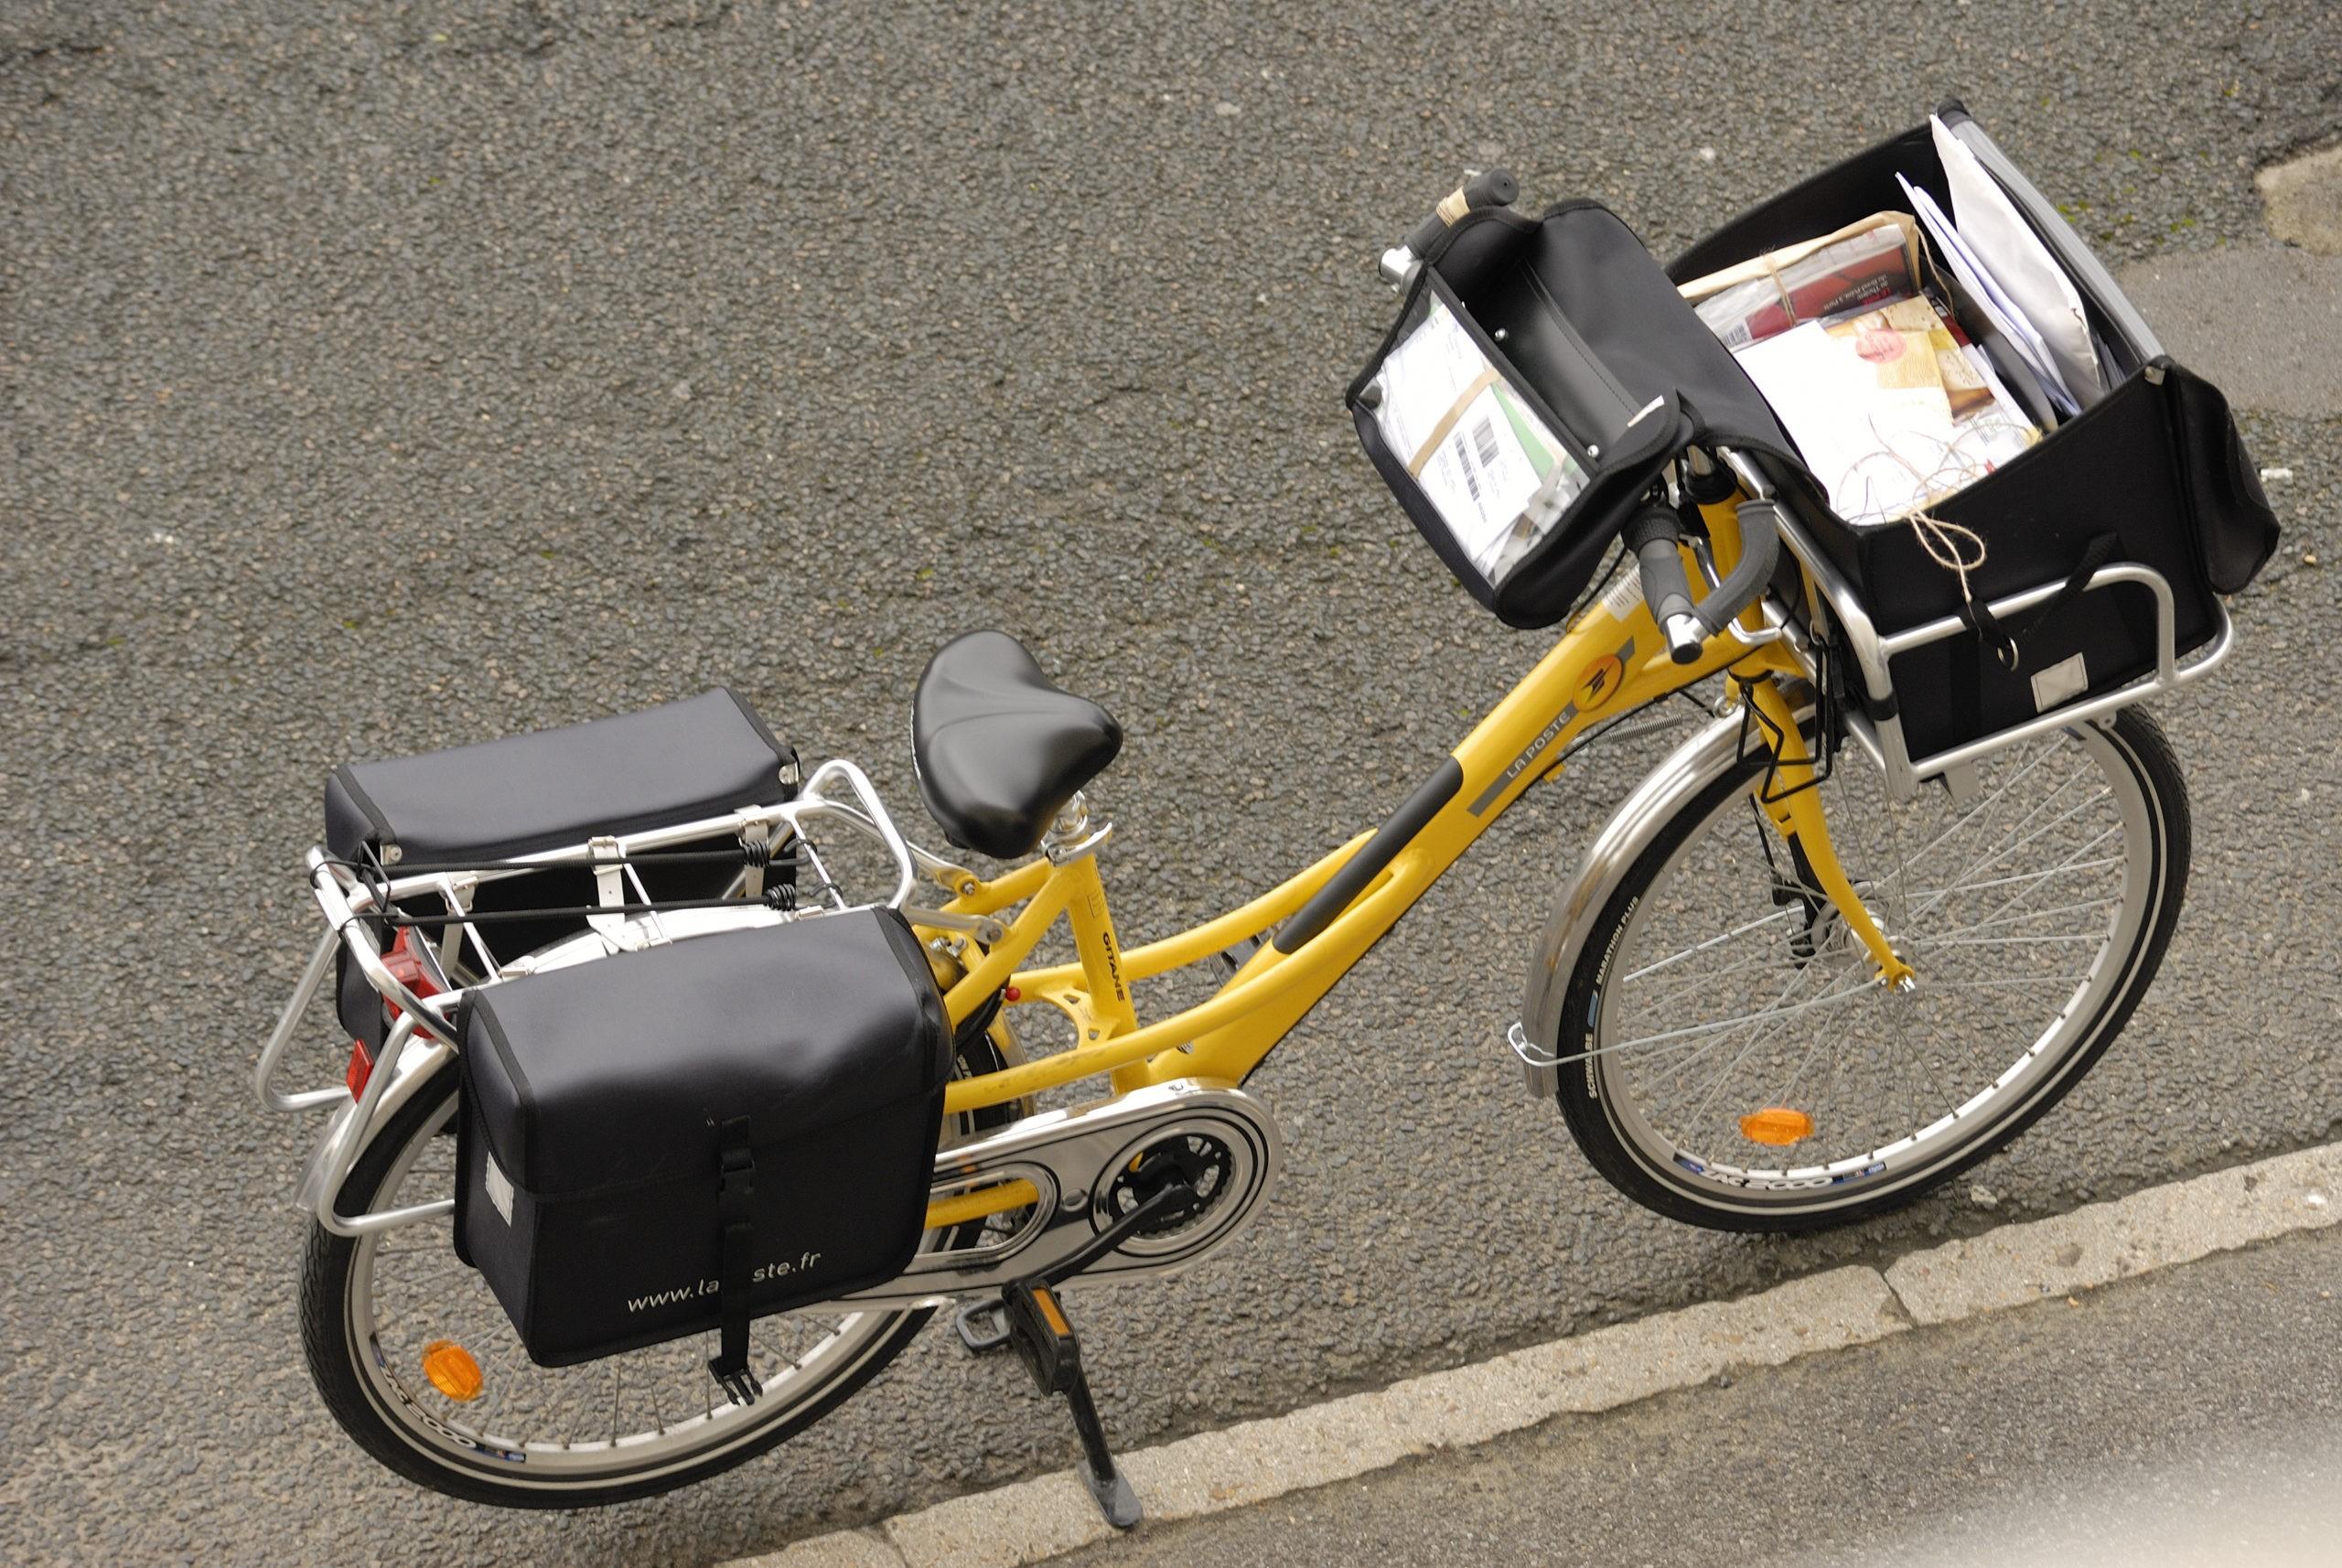 La commission postale de la FNPS alerte de nouveau La Poste sur les nombreux problèmes de qualité de servicede la distribution postale de la presse